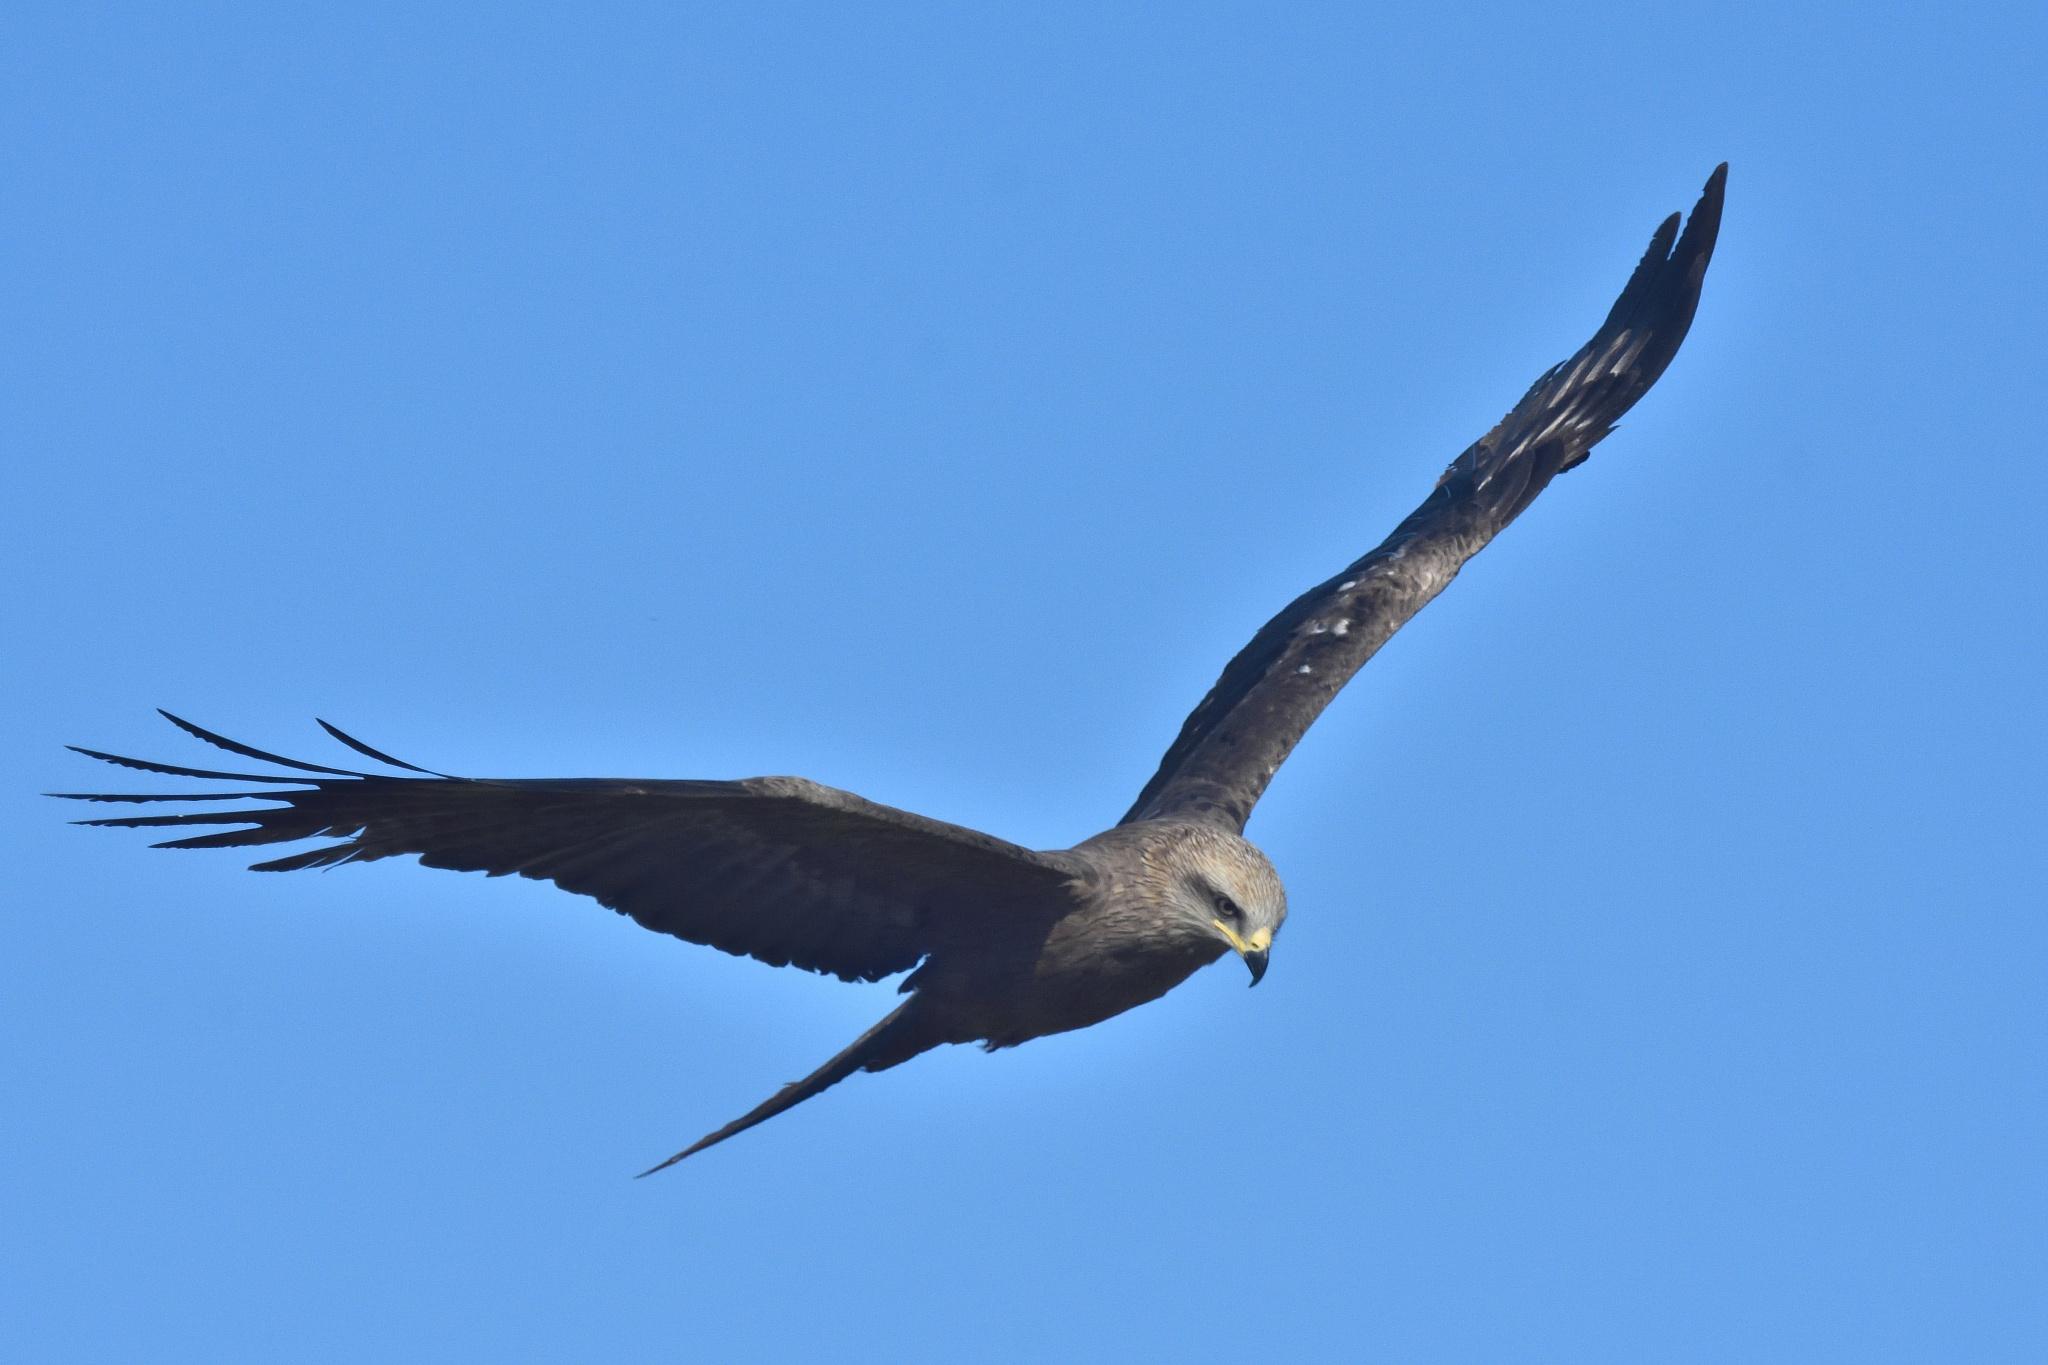 bird of prey by miwwim